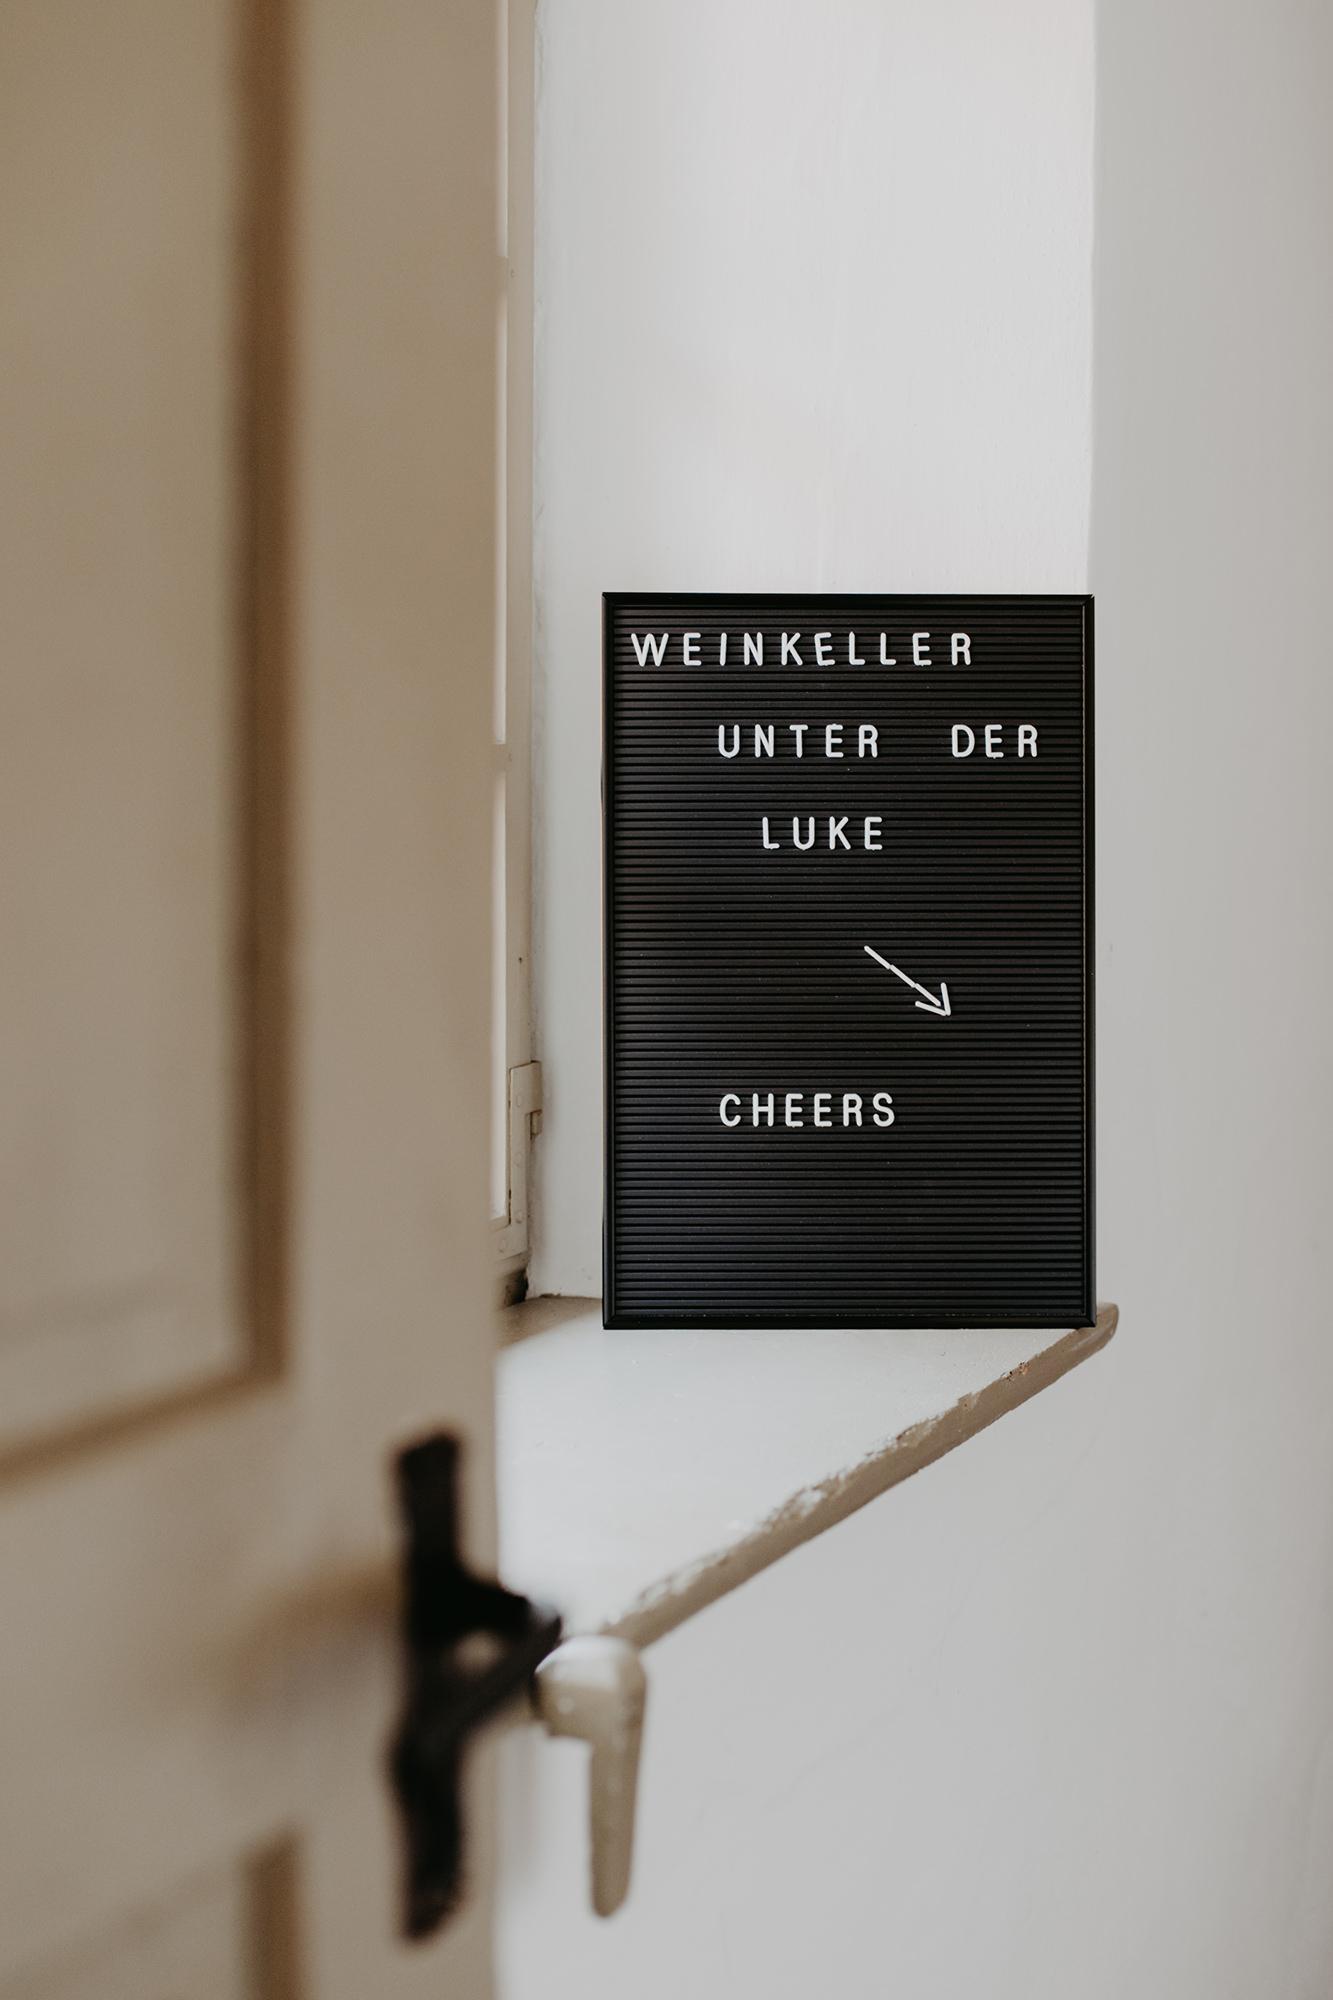 Hotelfotografie-Interiorfotografie-Fotograf-Muenchen-j13